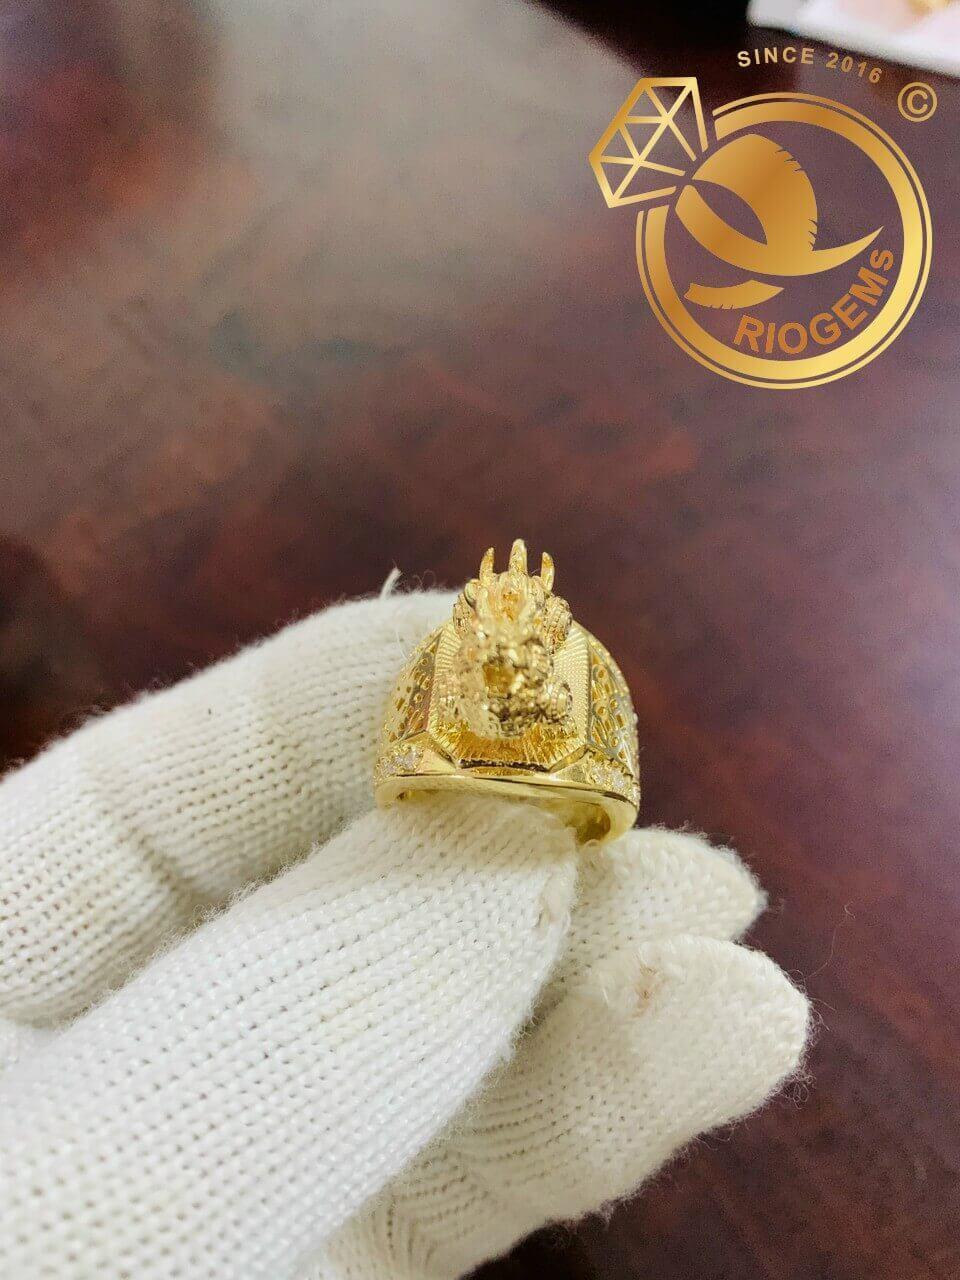 Nhẫn Kỳ Lân 3D vàng nguyên khối do Riogems gia công